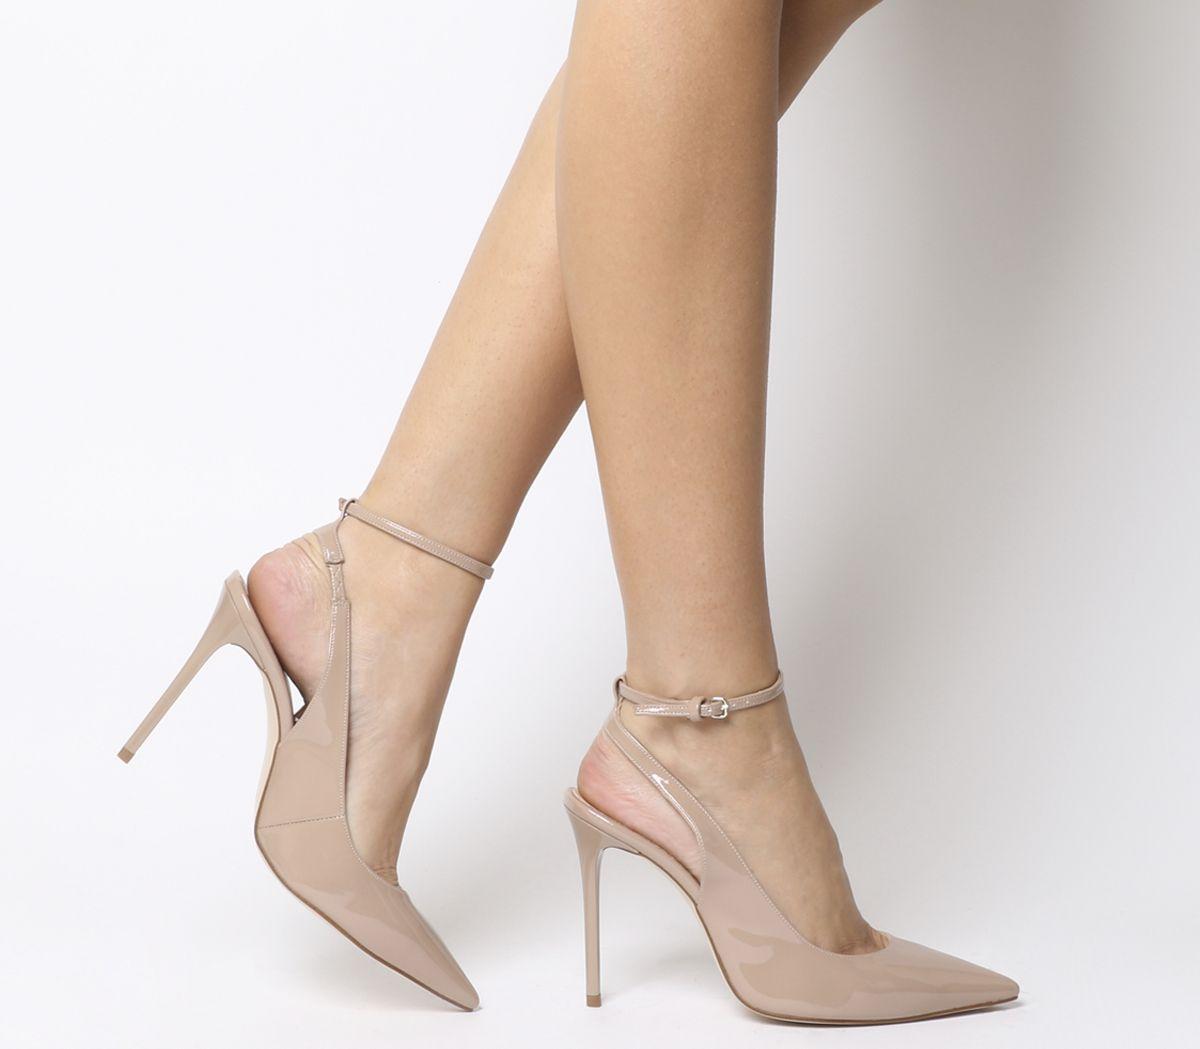 807766d7ac1 Hustler Ankle Strap Court Heels